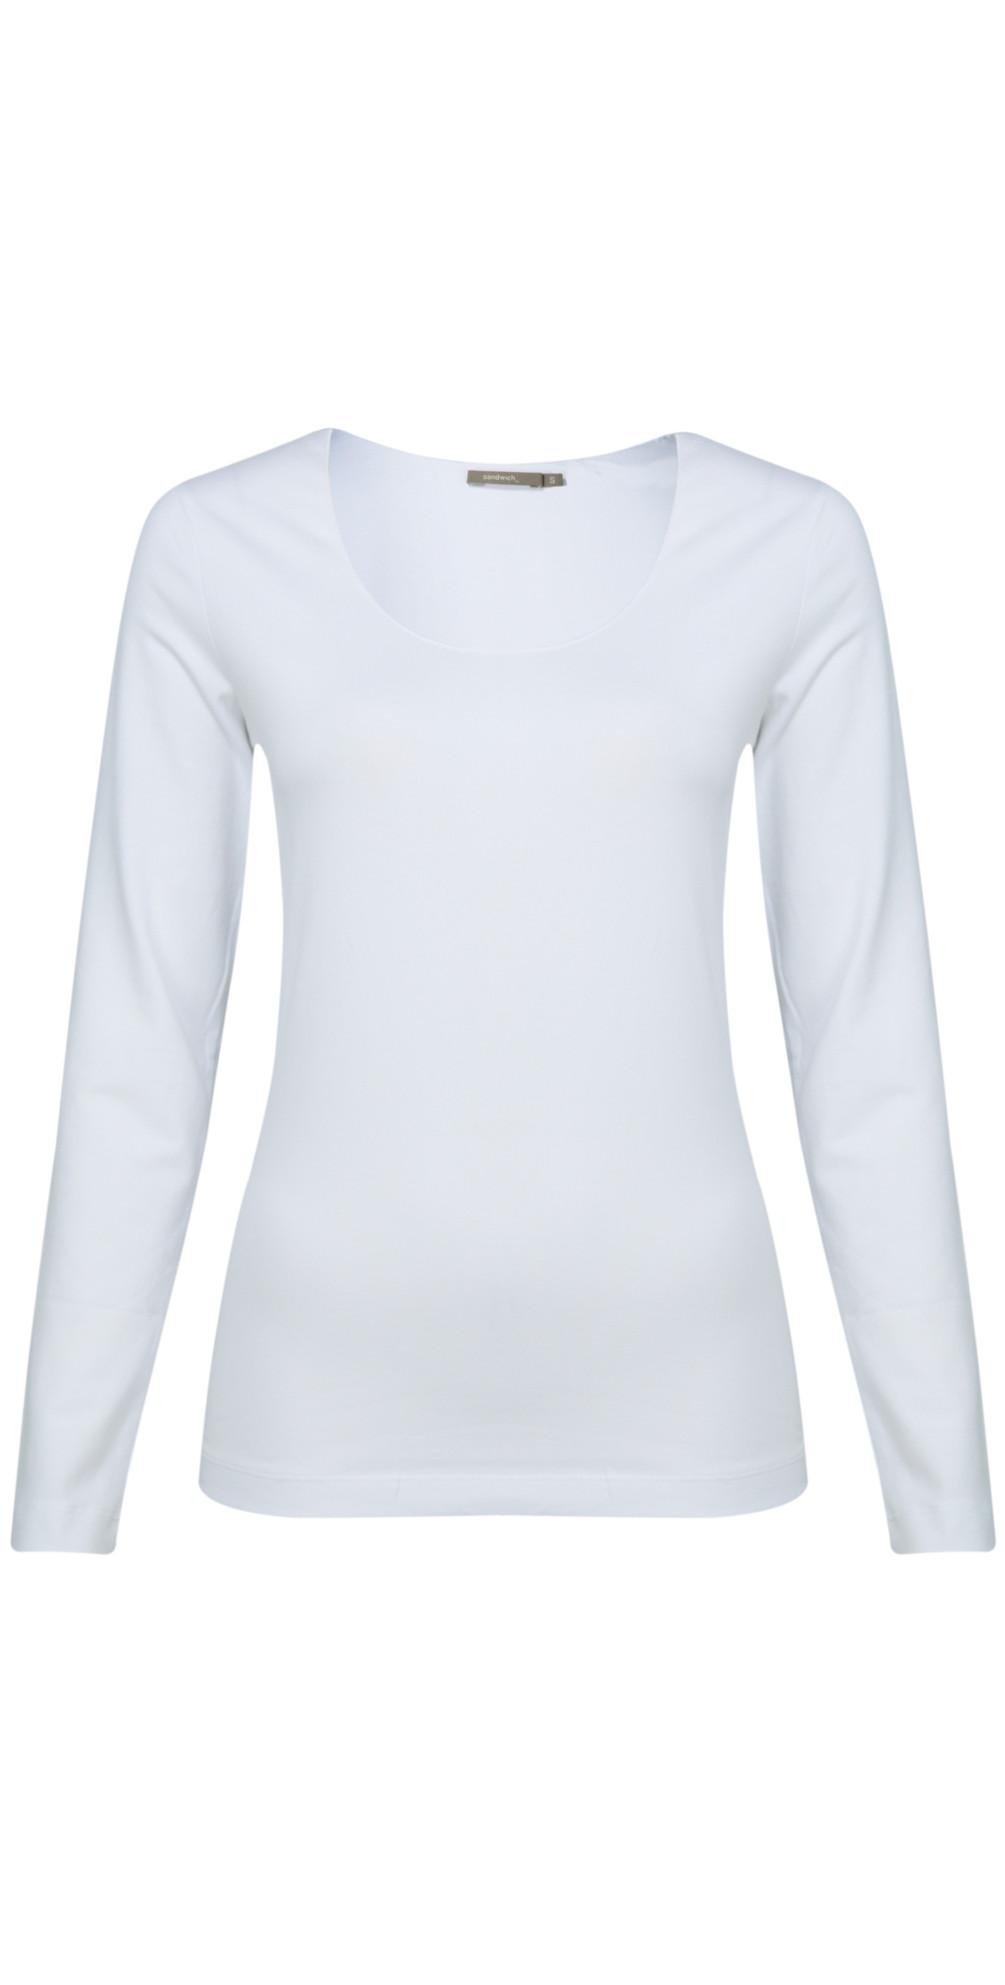 1a80a13ffa1a Sandwich Clothing Essentials Long Sleeve T-shirt in Optical White